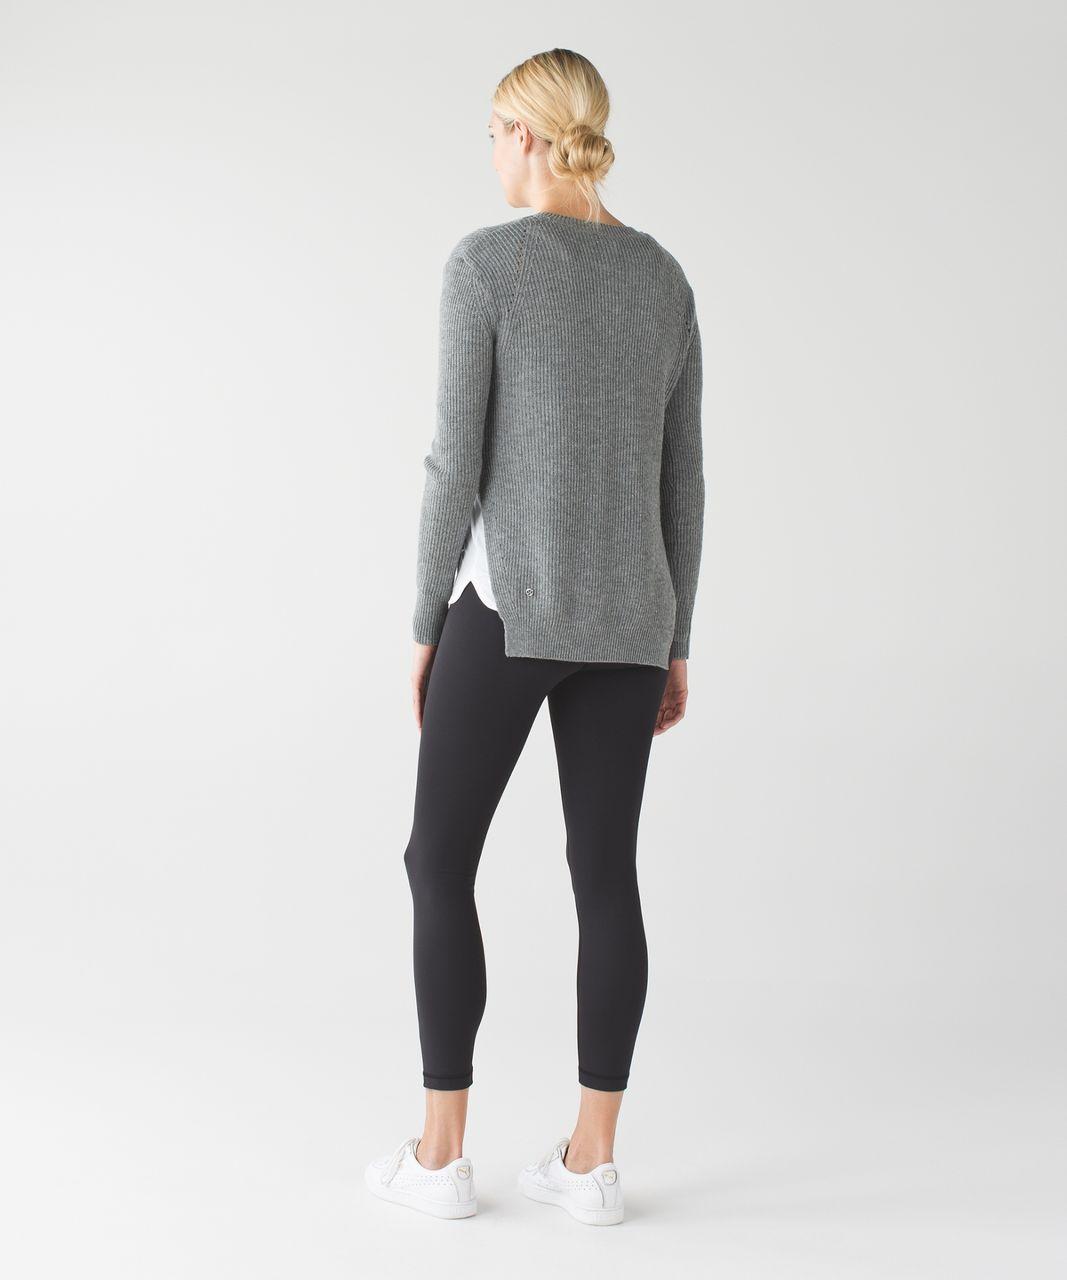 Lululemon High Times Pant (Brushed) *Full-On Luxtreme - Black